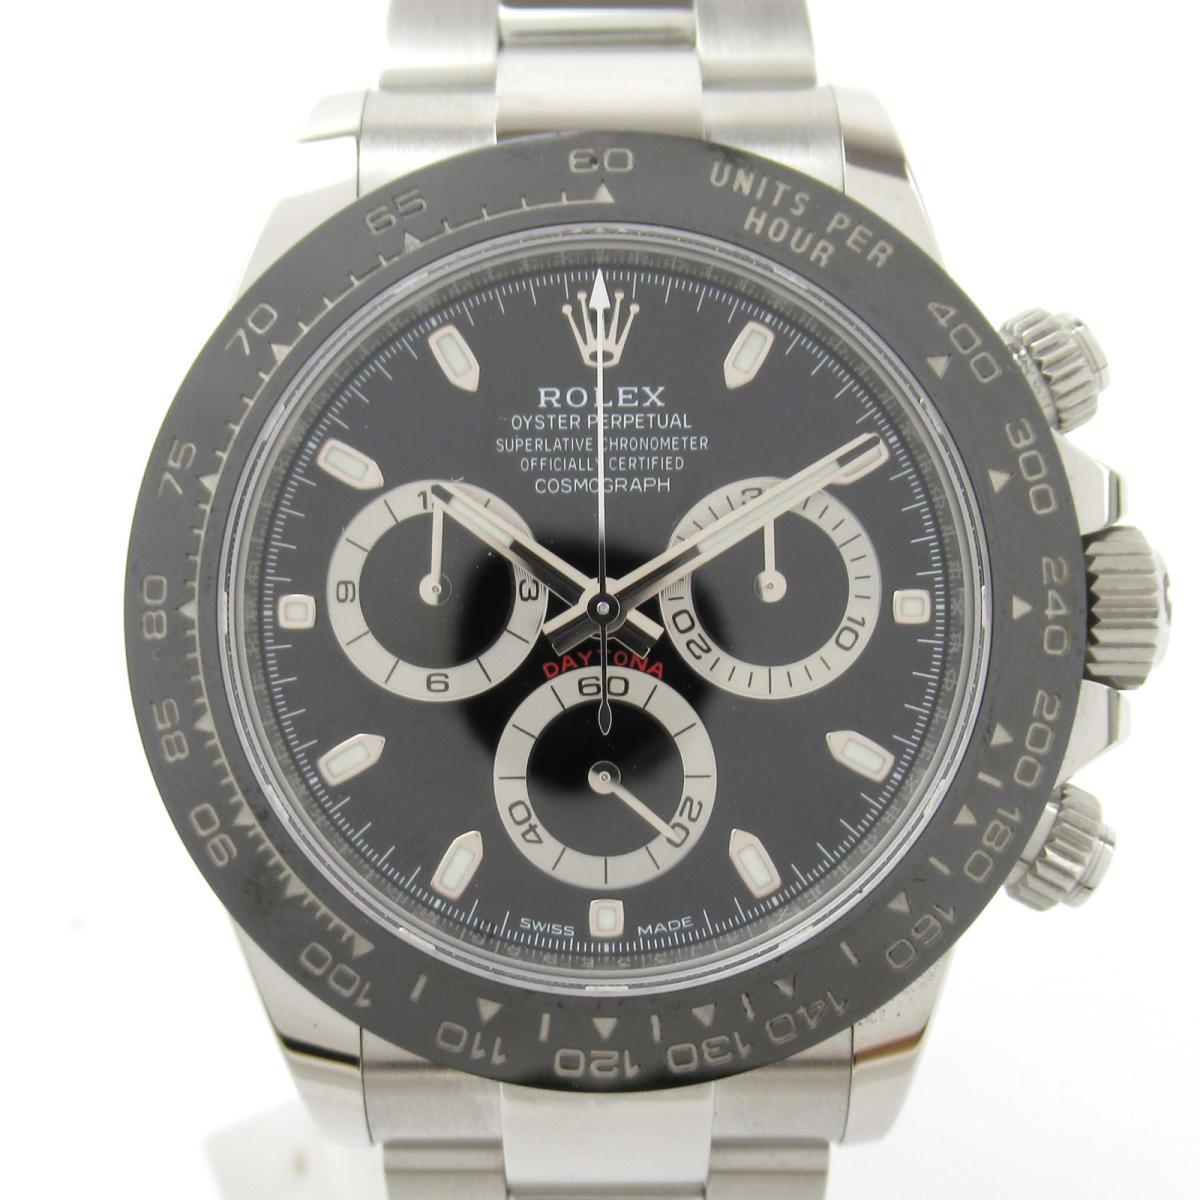 【中古】 ロレックス デイトナ ウォッチ 腕時計 メンズ ステンレススチール (SS) x セラクロム (116500LN ランダム番) | ROLEX BRANDOFF ブランドオフ ブランド ブランド時計 ブランド腕時計 時計